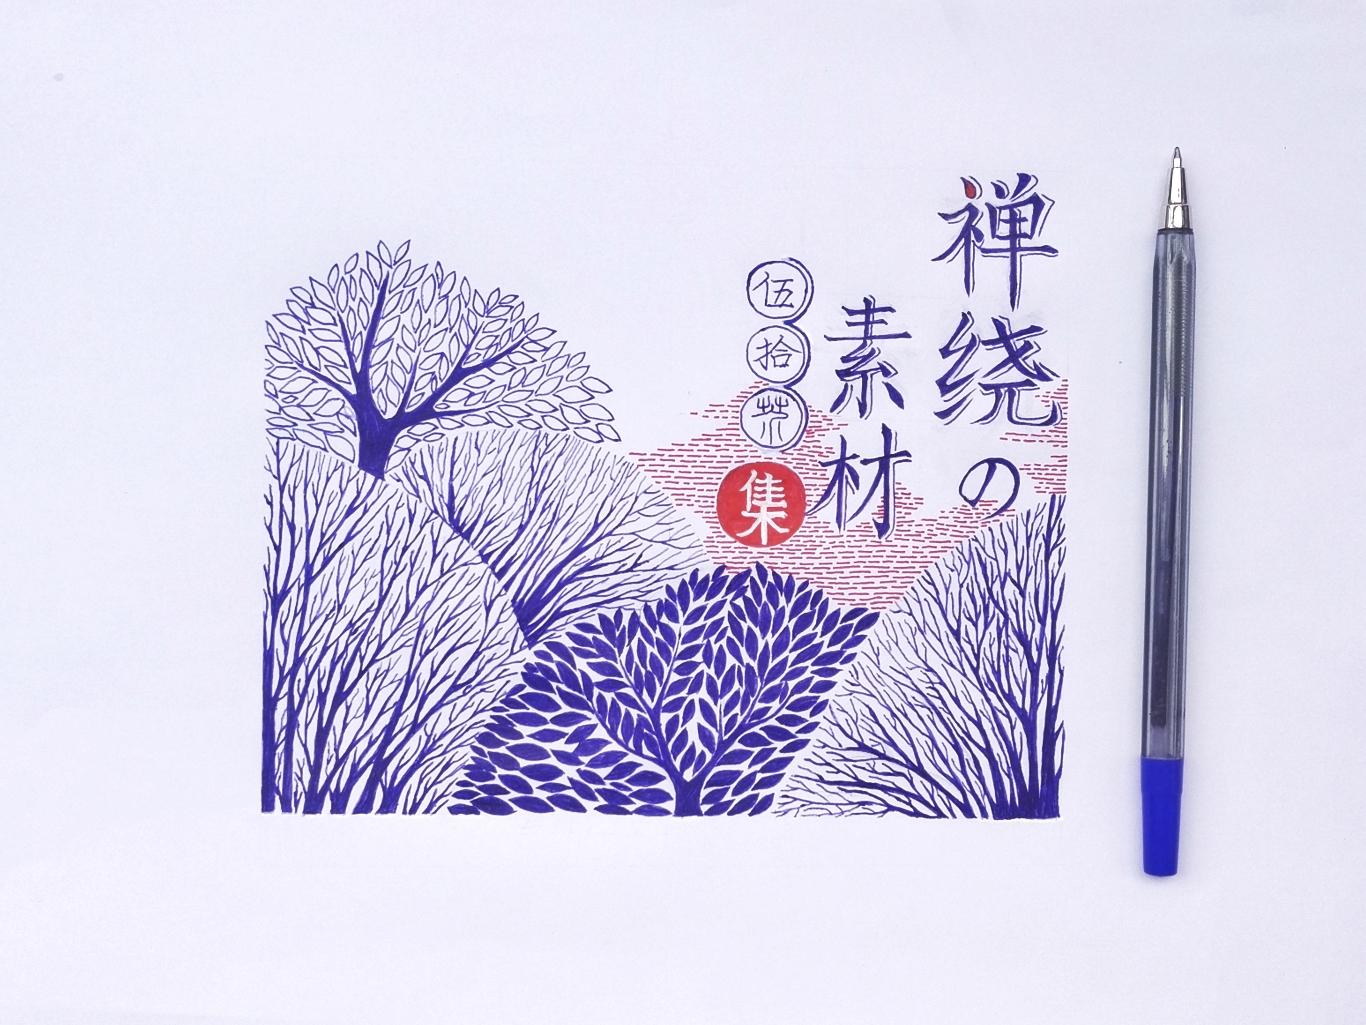 素材|手绘禅绕画图案纹样337例